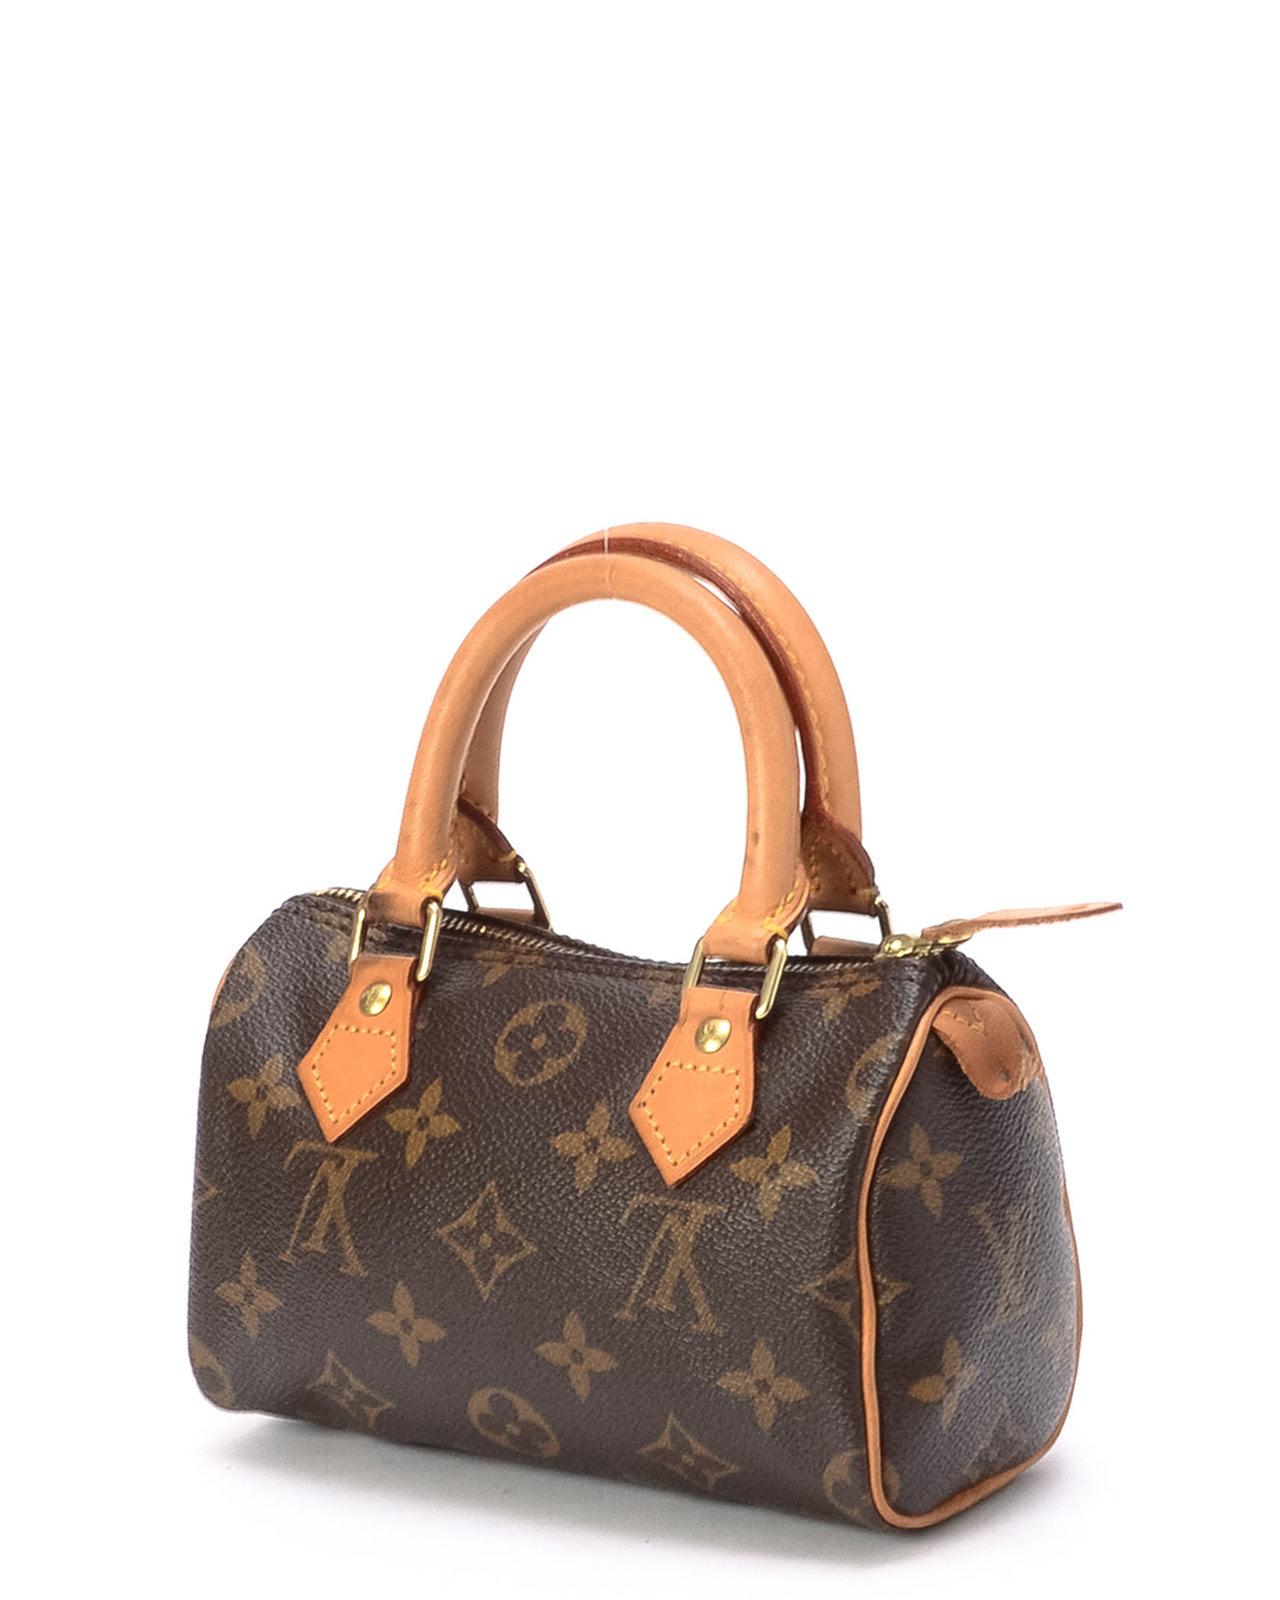 16baa3a4278c Louis Vuitton Small Monogram Purse - Best Purse Image Ccdbb.Org